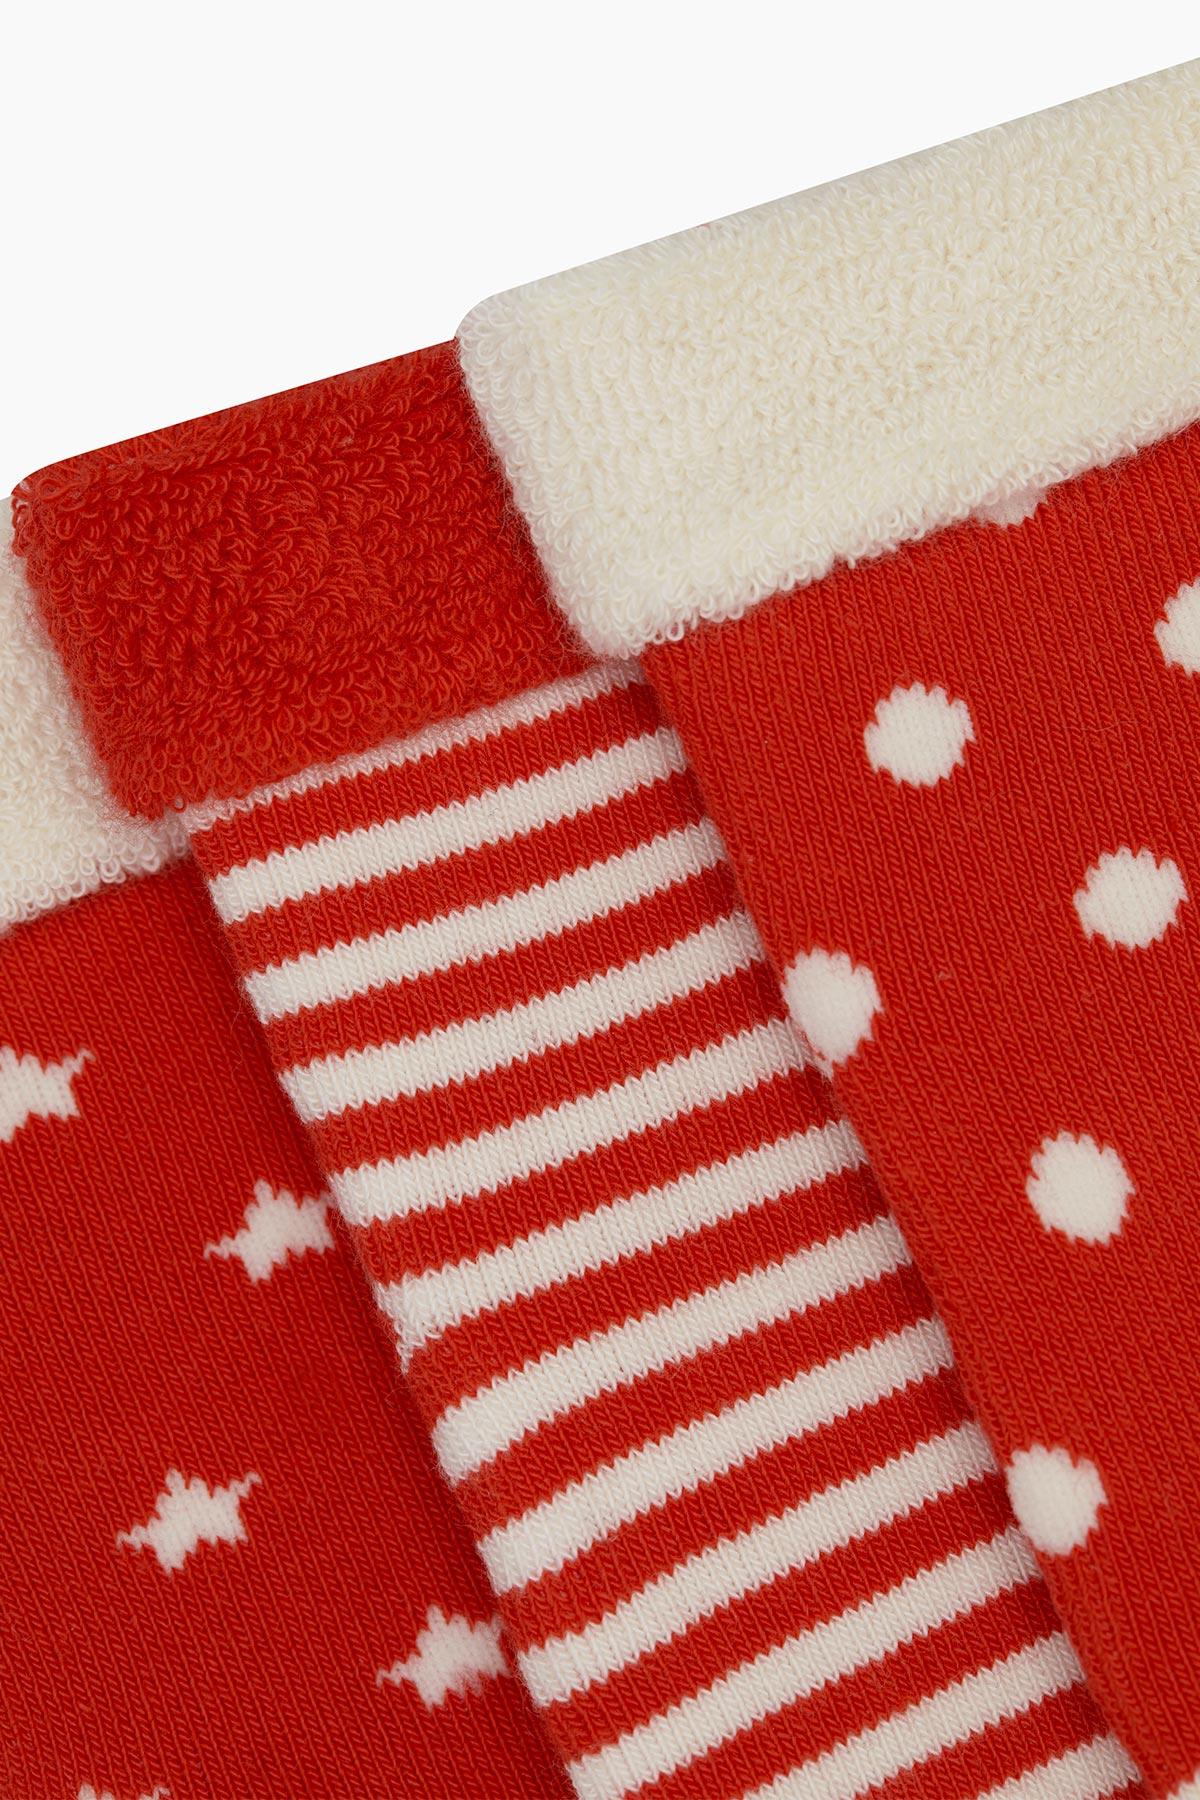 3'lü Paket Puan Çember Yıldız Desenli Taban Altı Kaydırmaz Baskılı Havlu Bebek Çorabı - Thumbnail